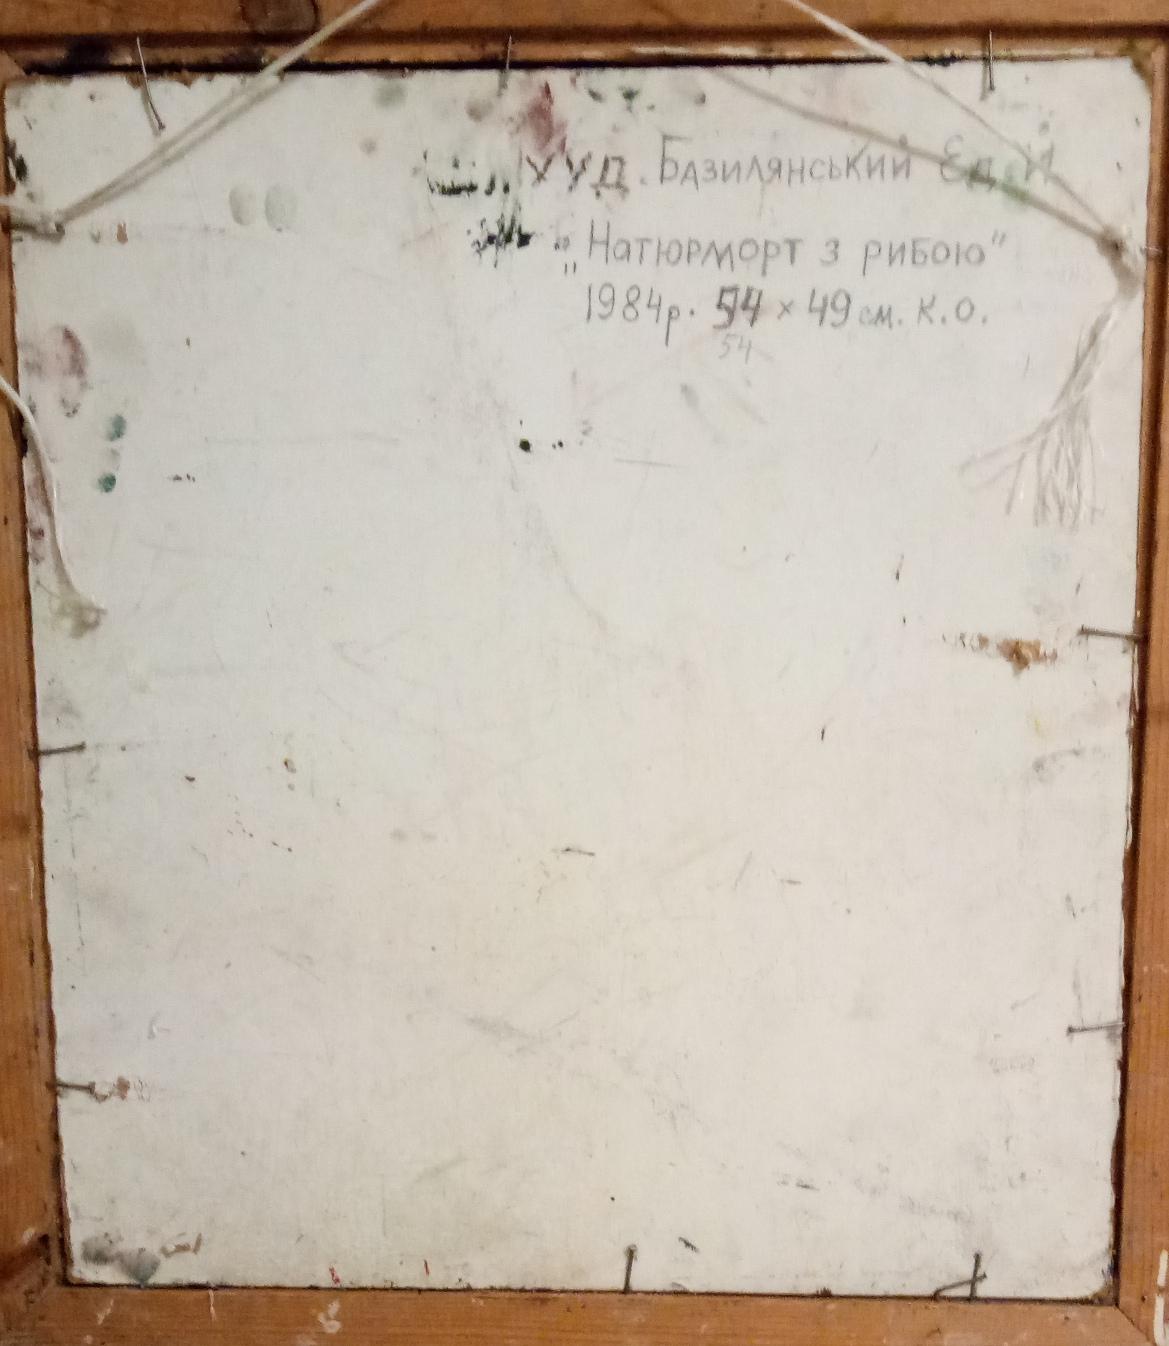 Базилянский Э. И. Натюрморт с Рыбой 54-49 см., картон, оргалит 1984   - 3